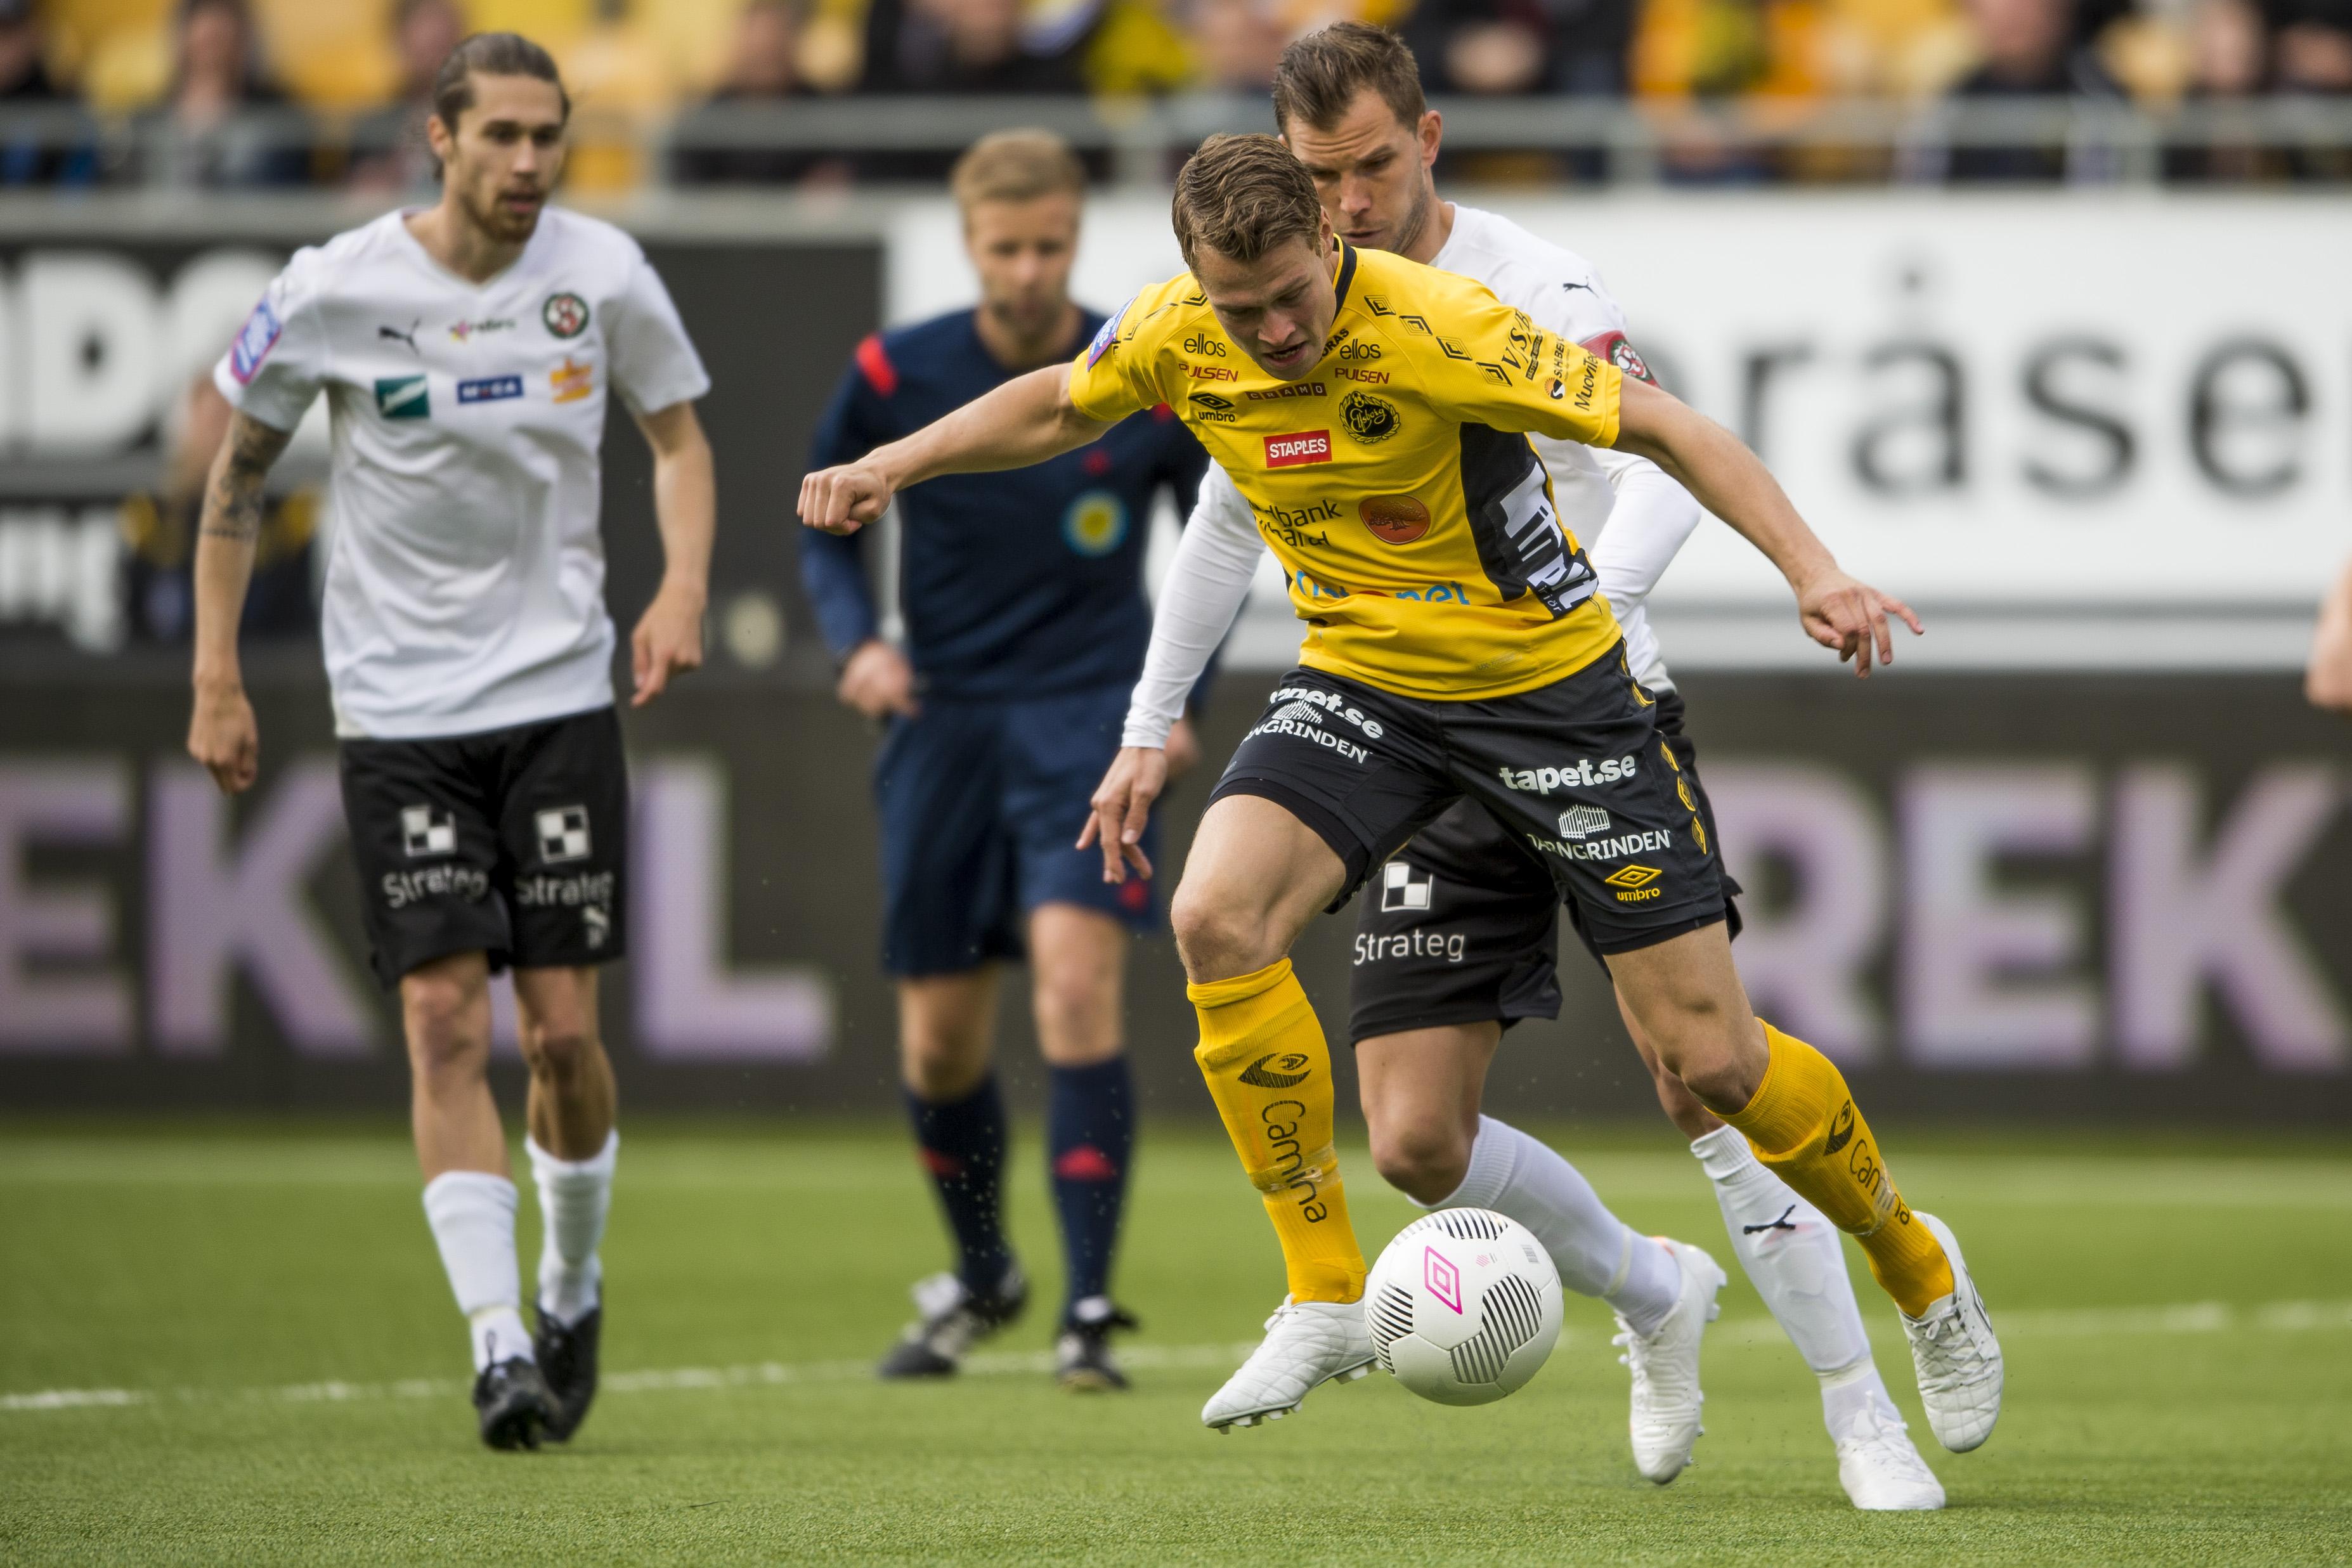 Stort övertag för Elfsborg mot ÖSK i Borås - IF Elfsborg 0a59362390191